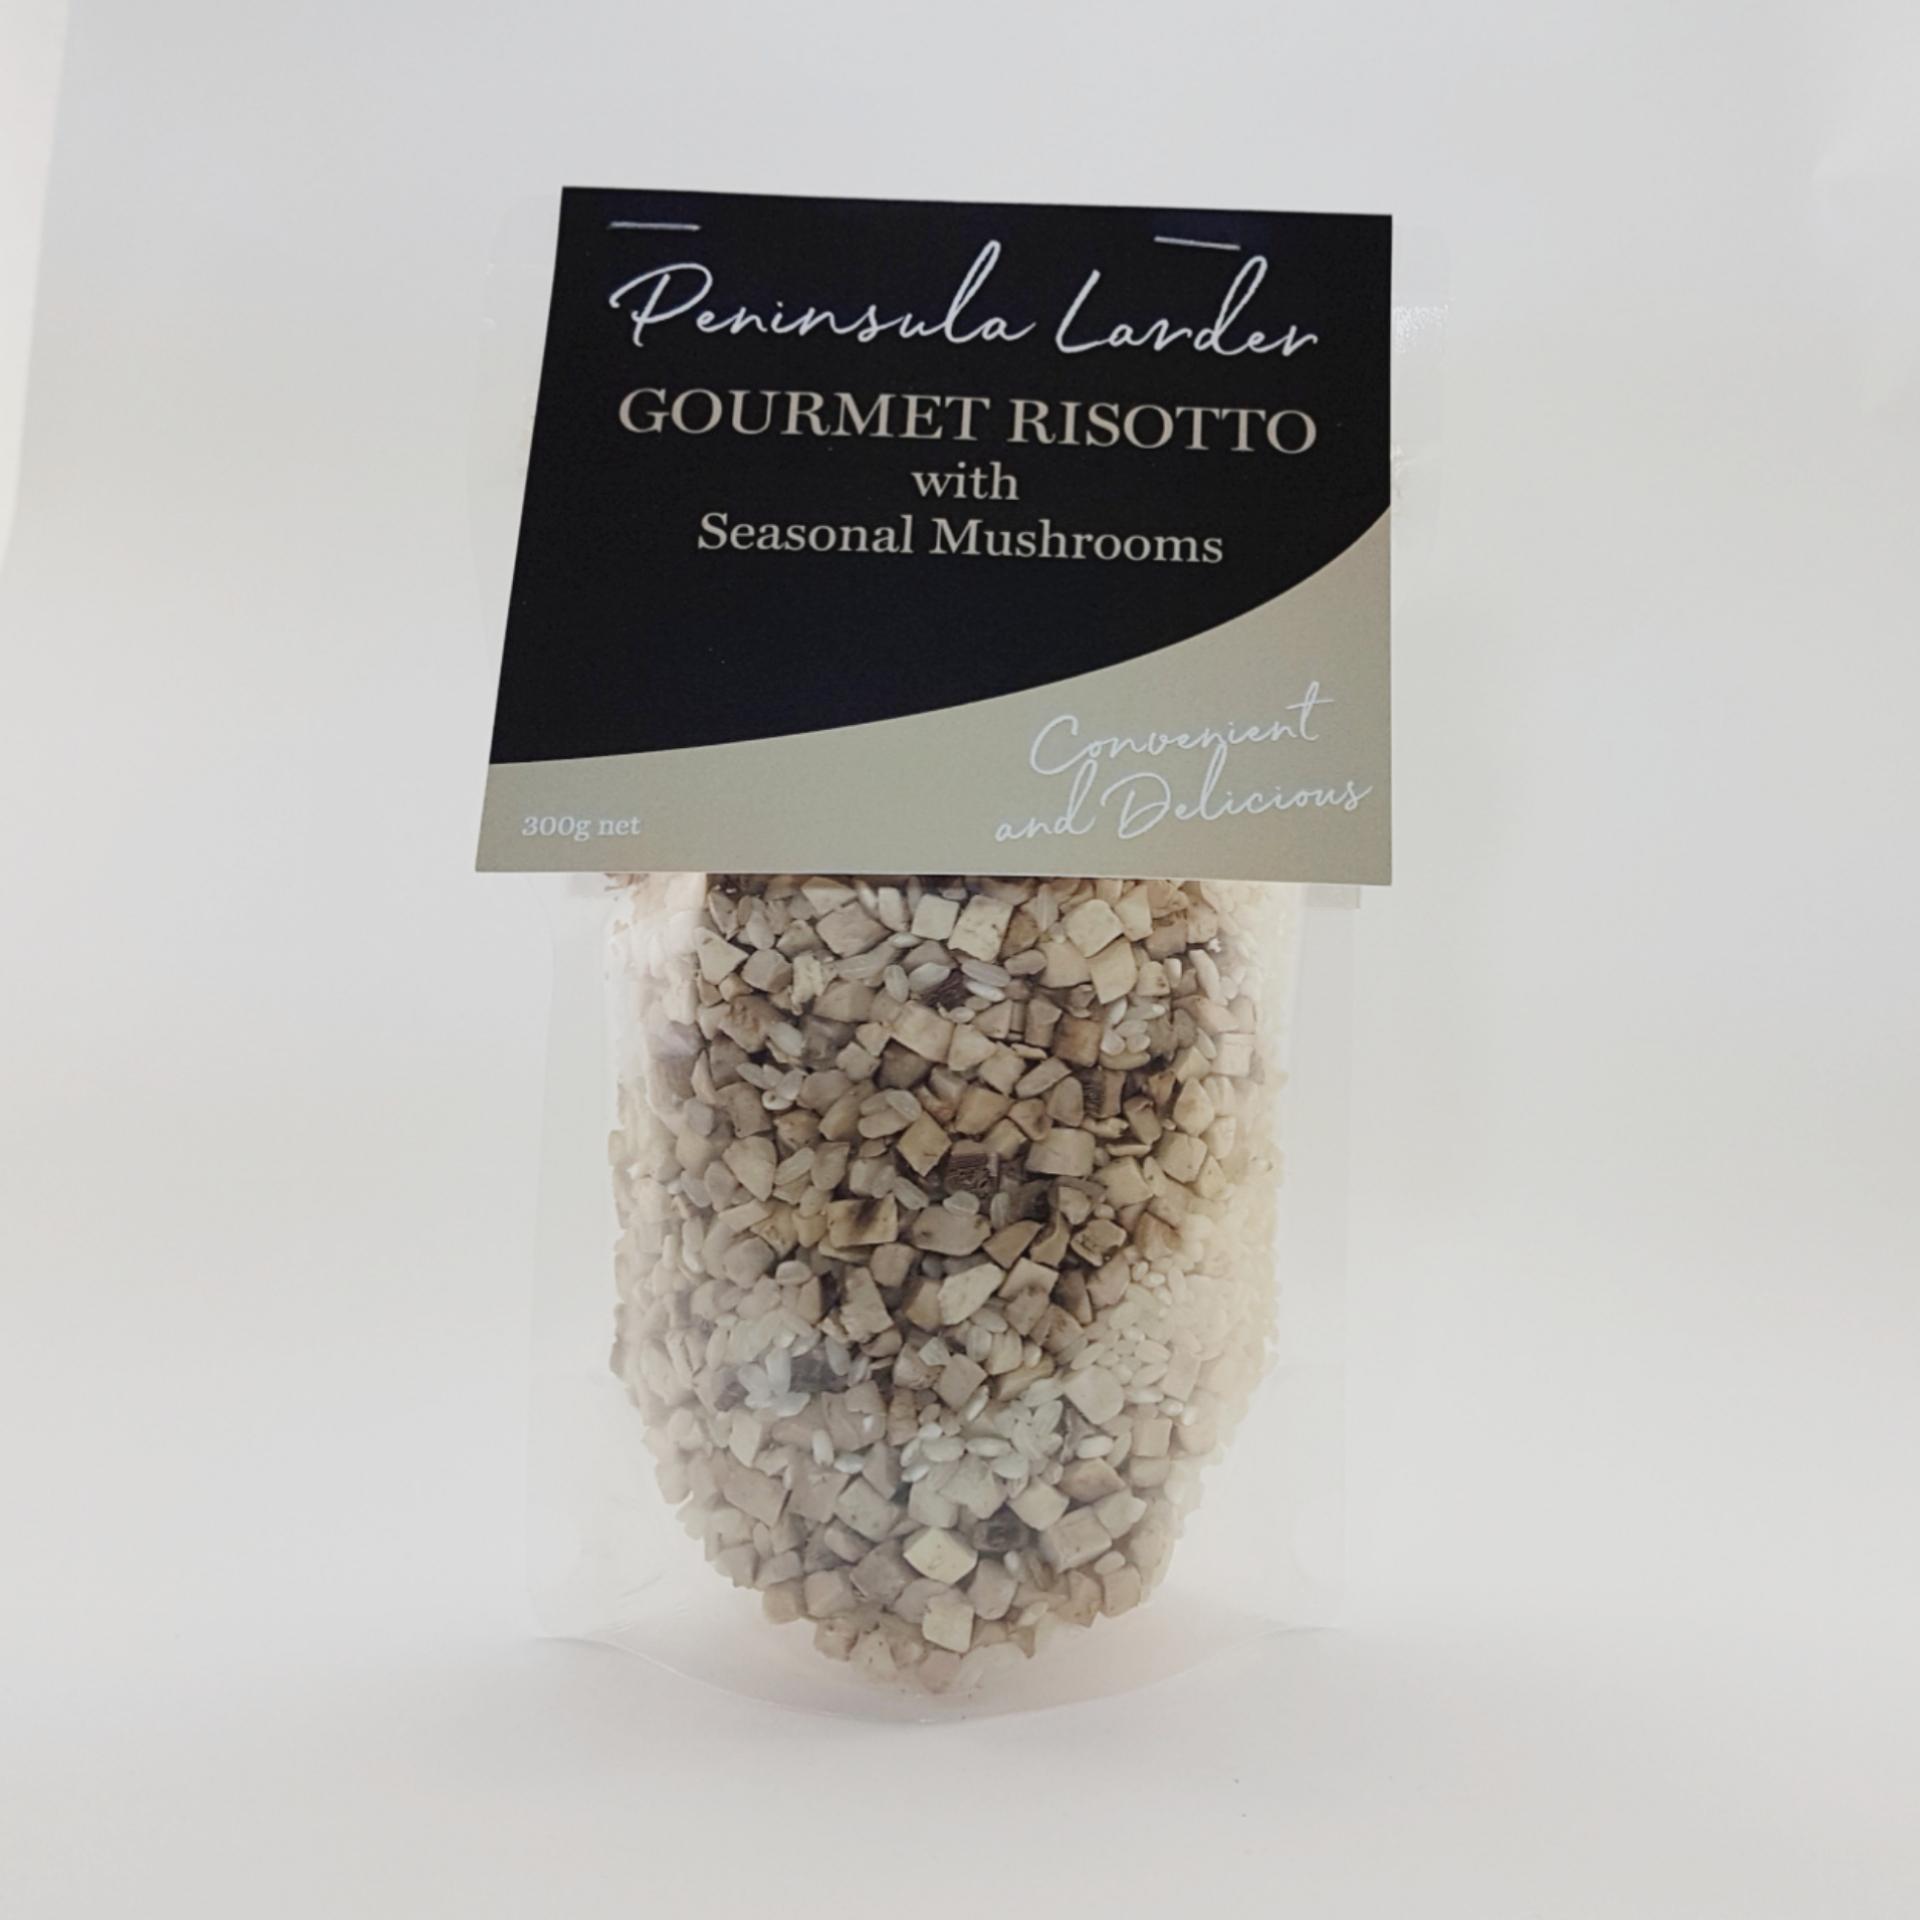 Peninsula Larders Seasonal Mushroom Gourmet Risotto